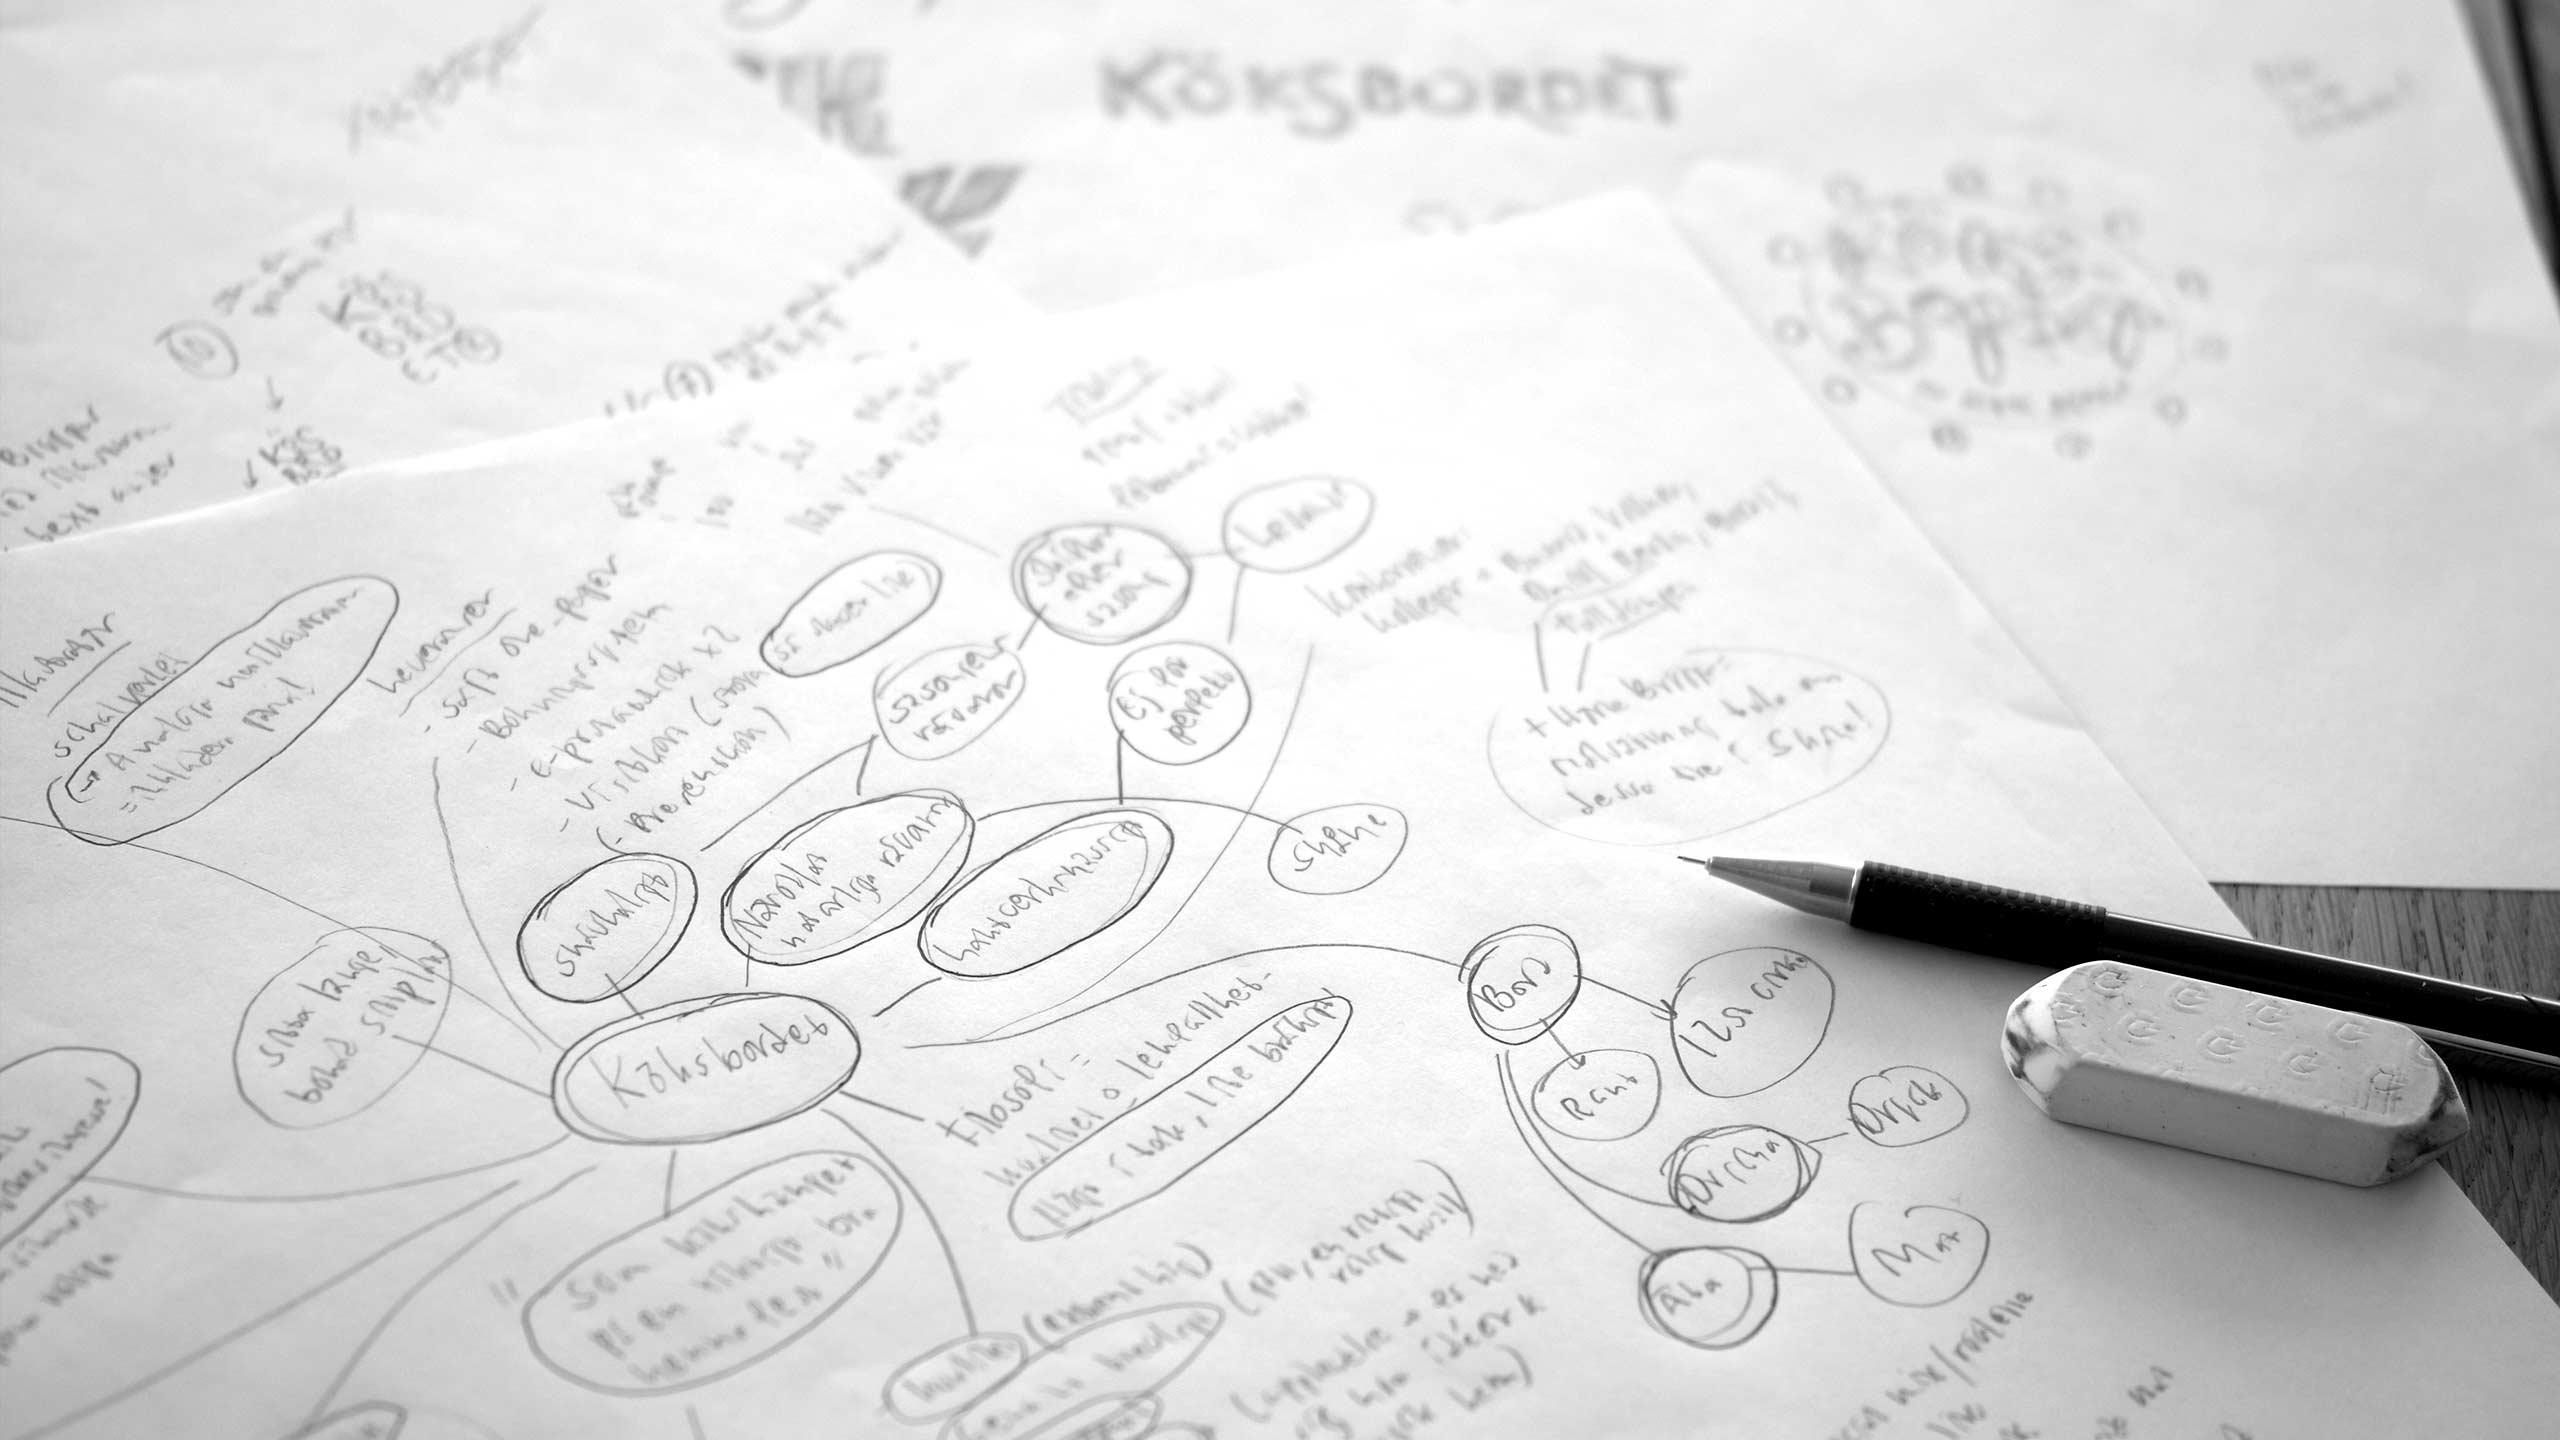 Mind map for Köksbordet